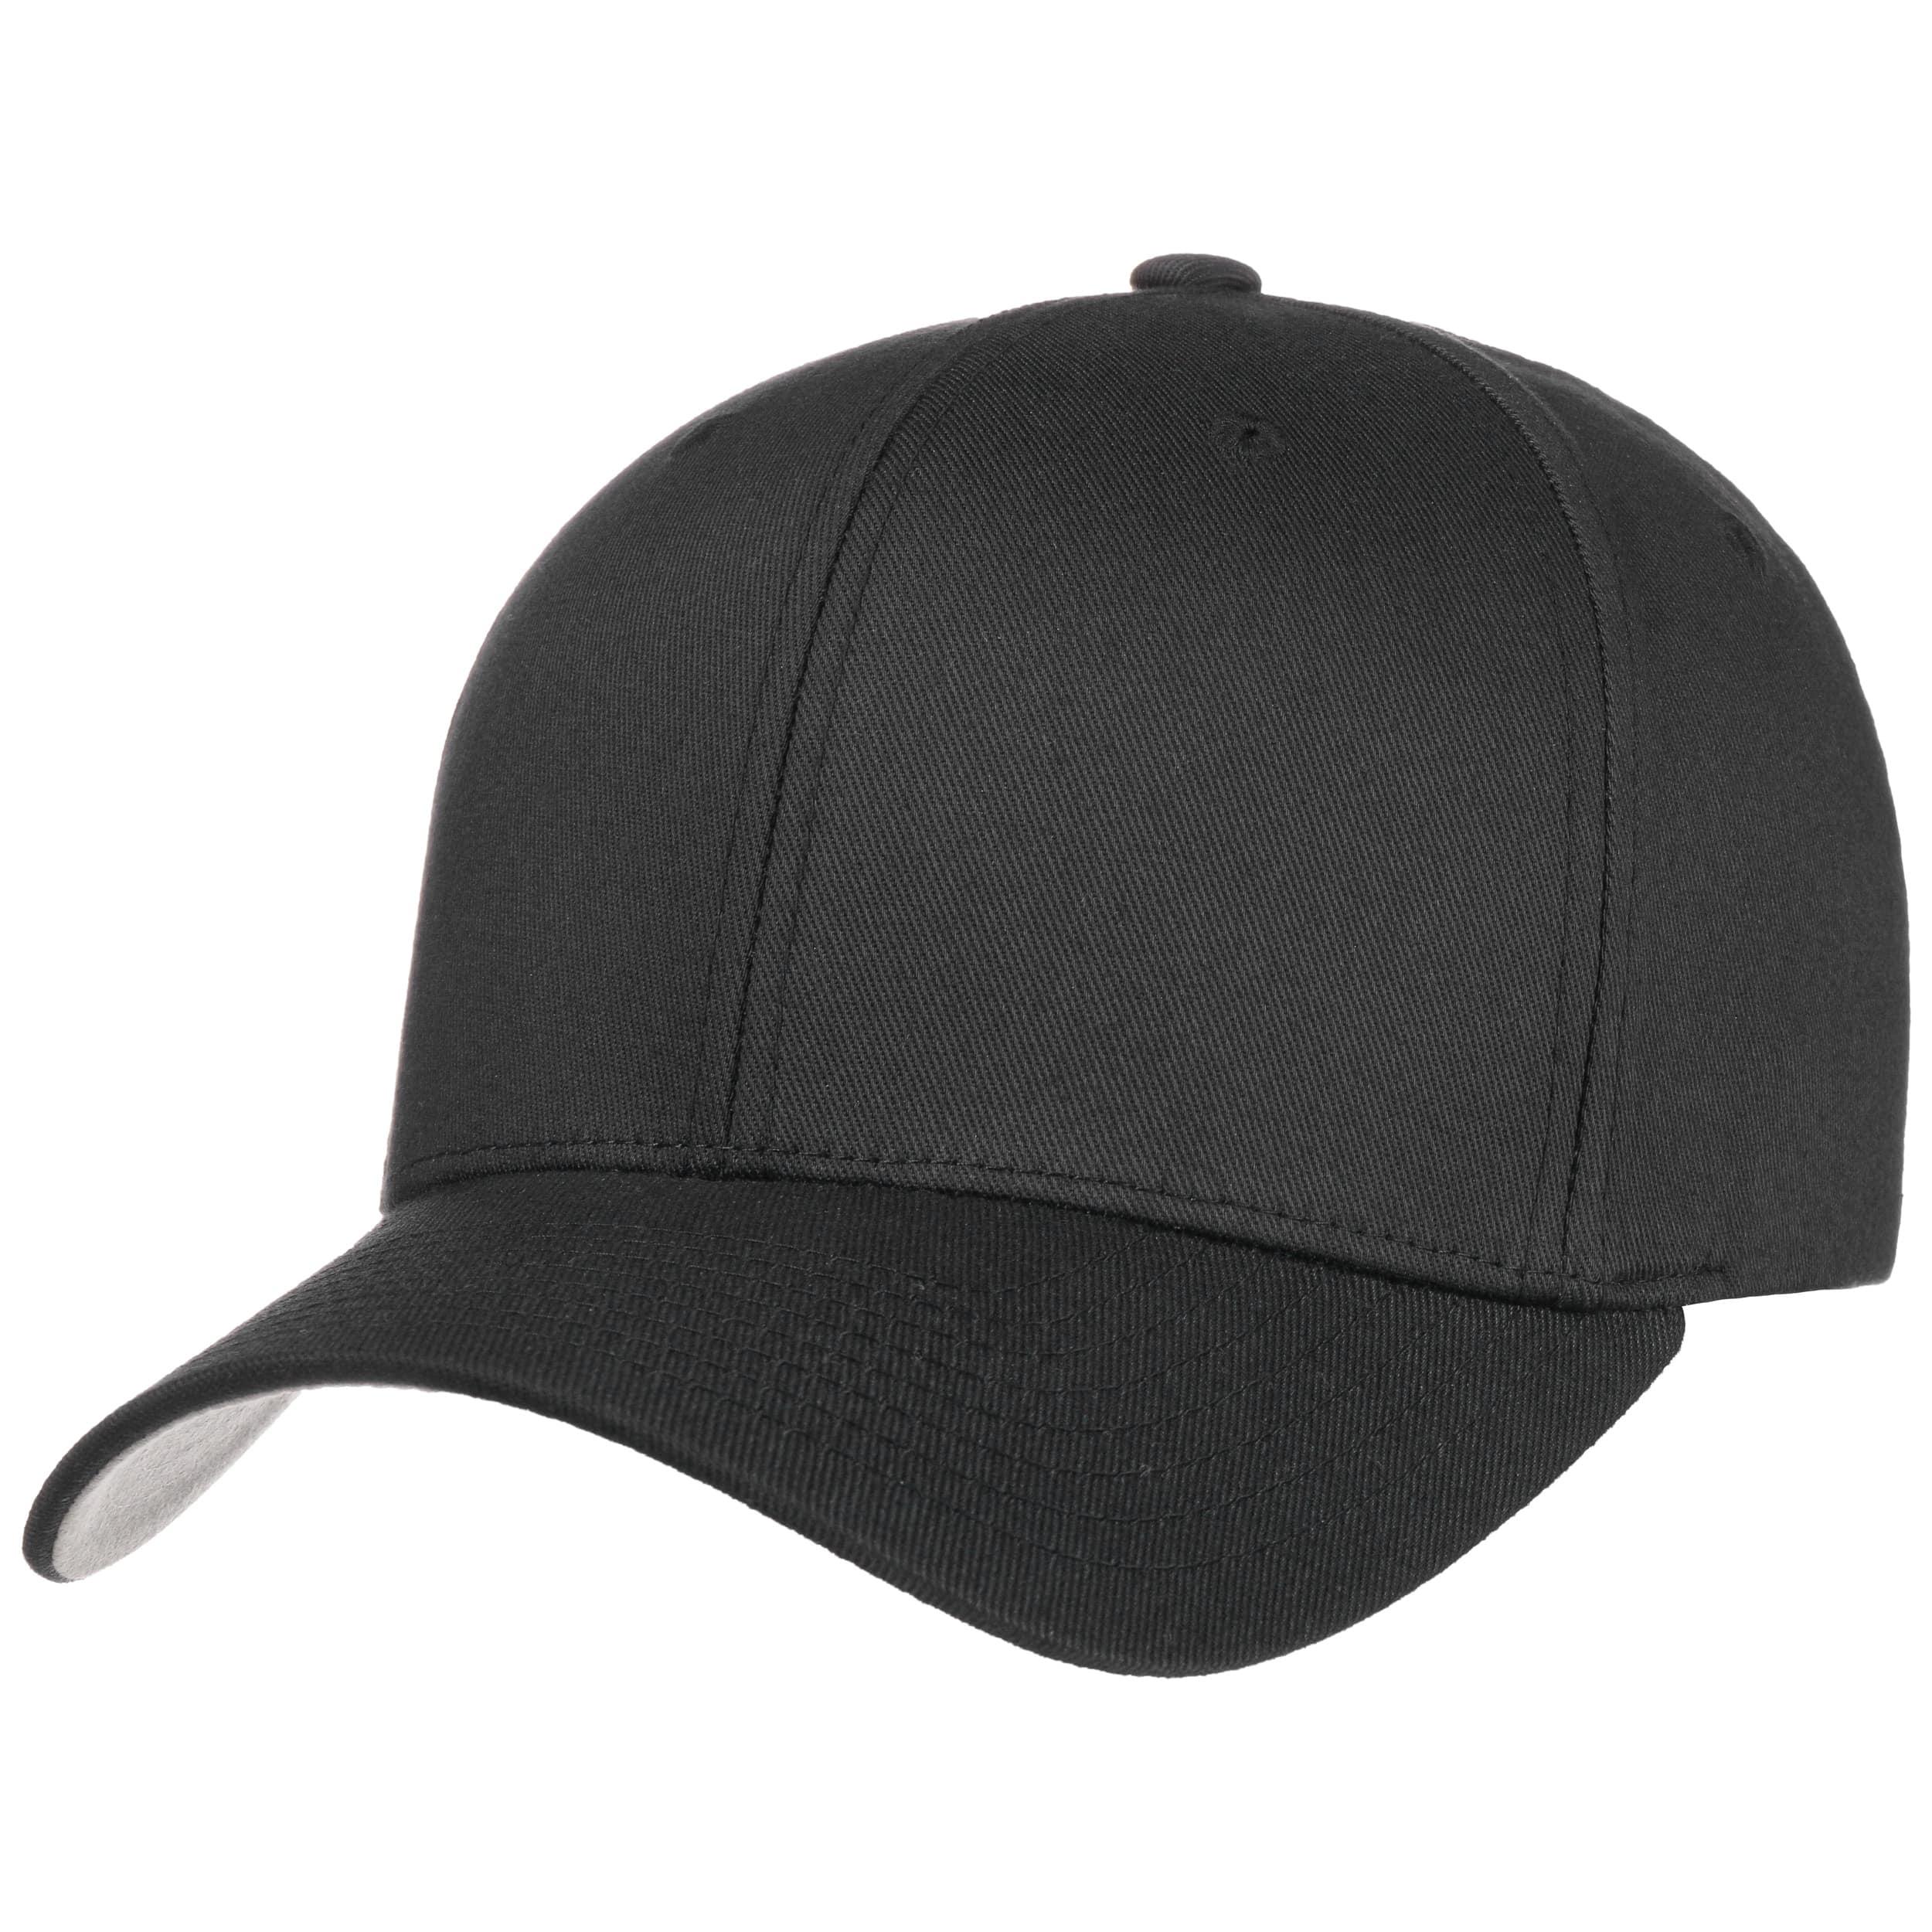 95662128fe1df Gorra Flexfit Spandex - Gorras - sombreroshop.es